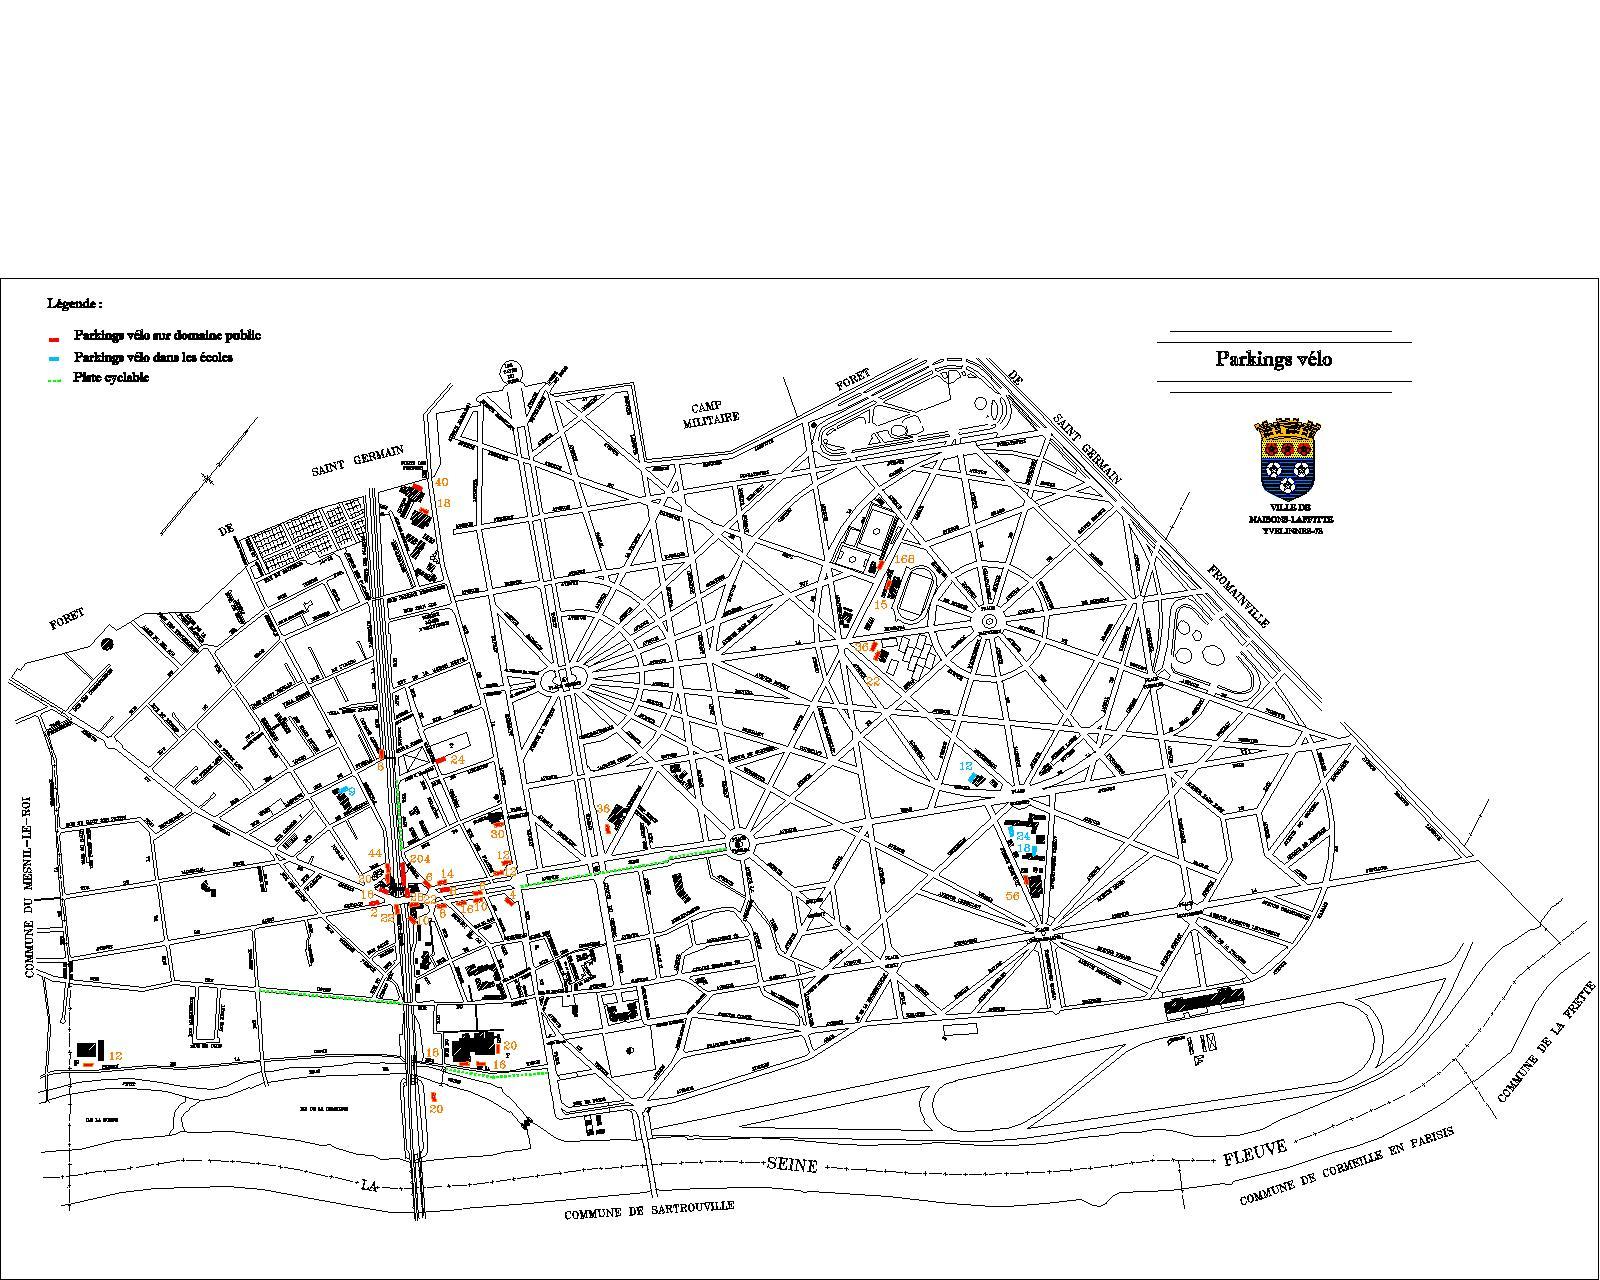 Ville de maisons laffitte stationnement - Piscine maisons laffitte horaires ...